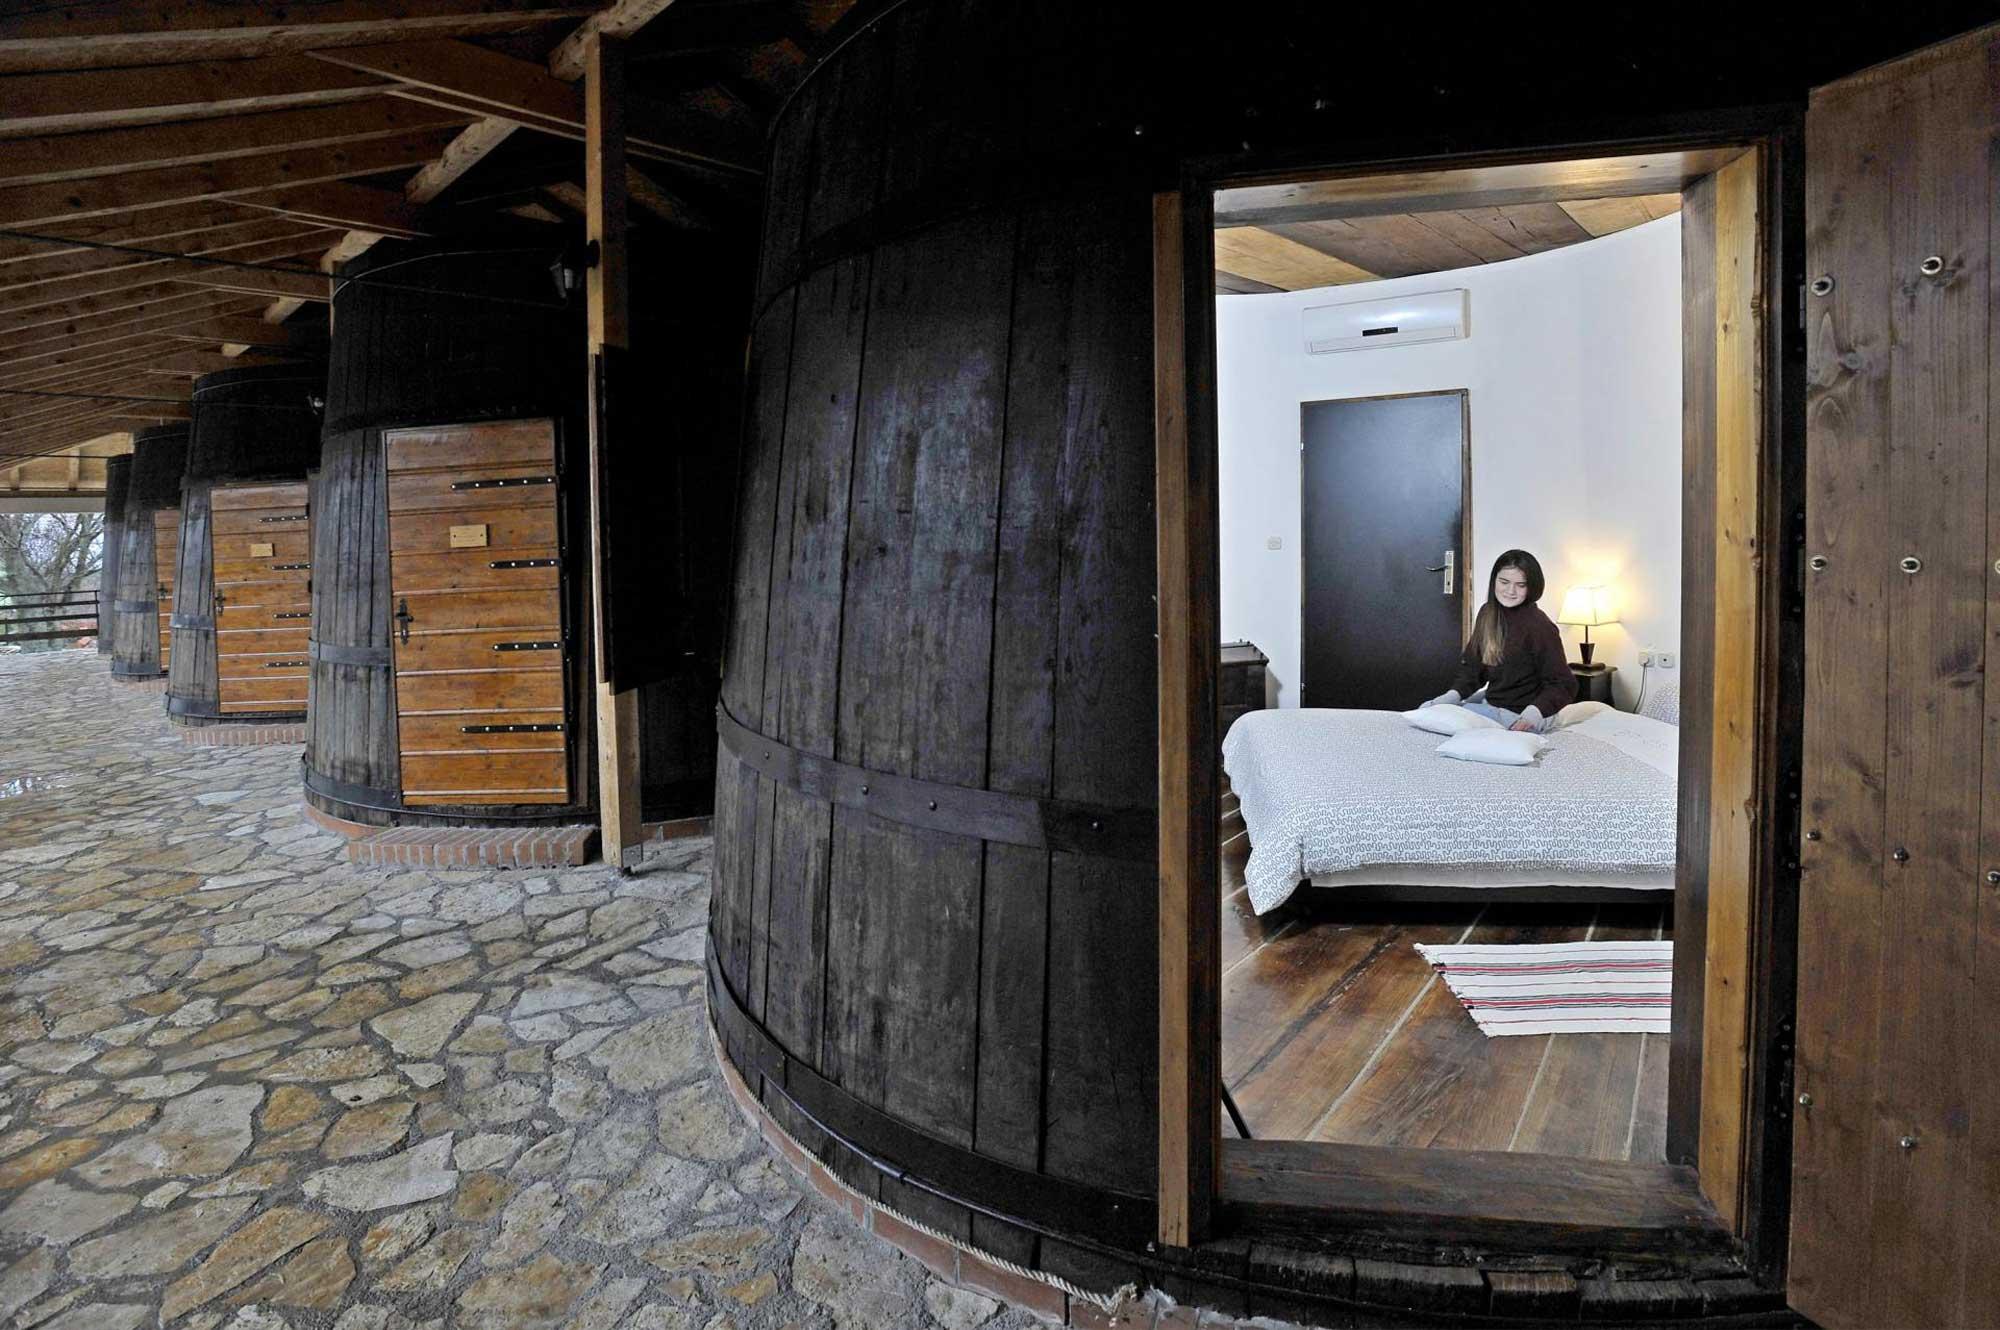 Veličina (ni)je bitna - Najmanji apartmani i kuće za odmor na svijetu Agroturizam Duvančić sobe-bačve